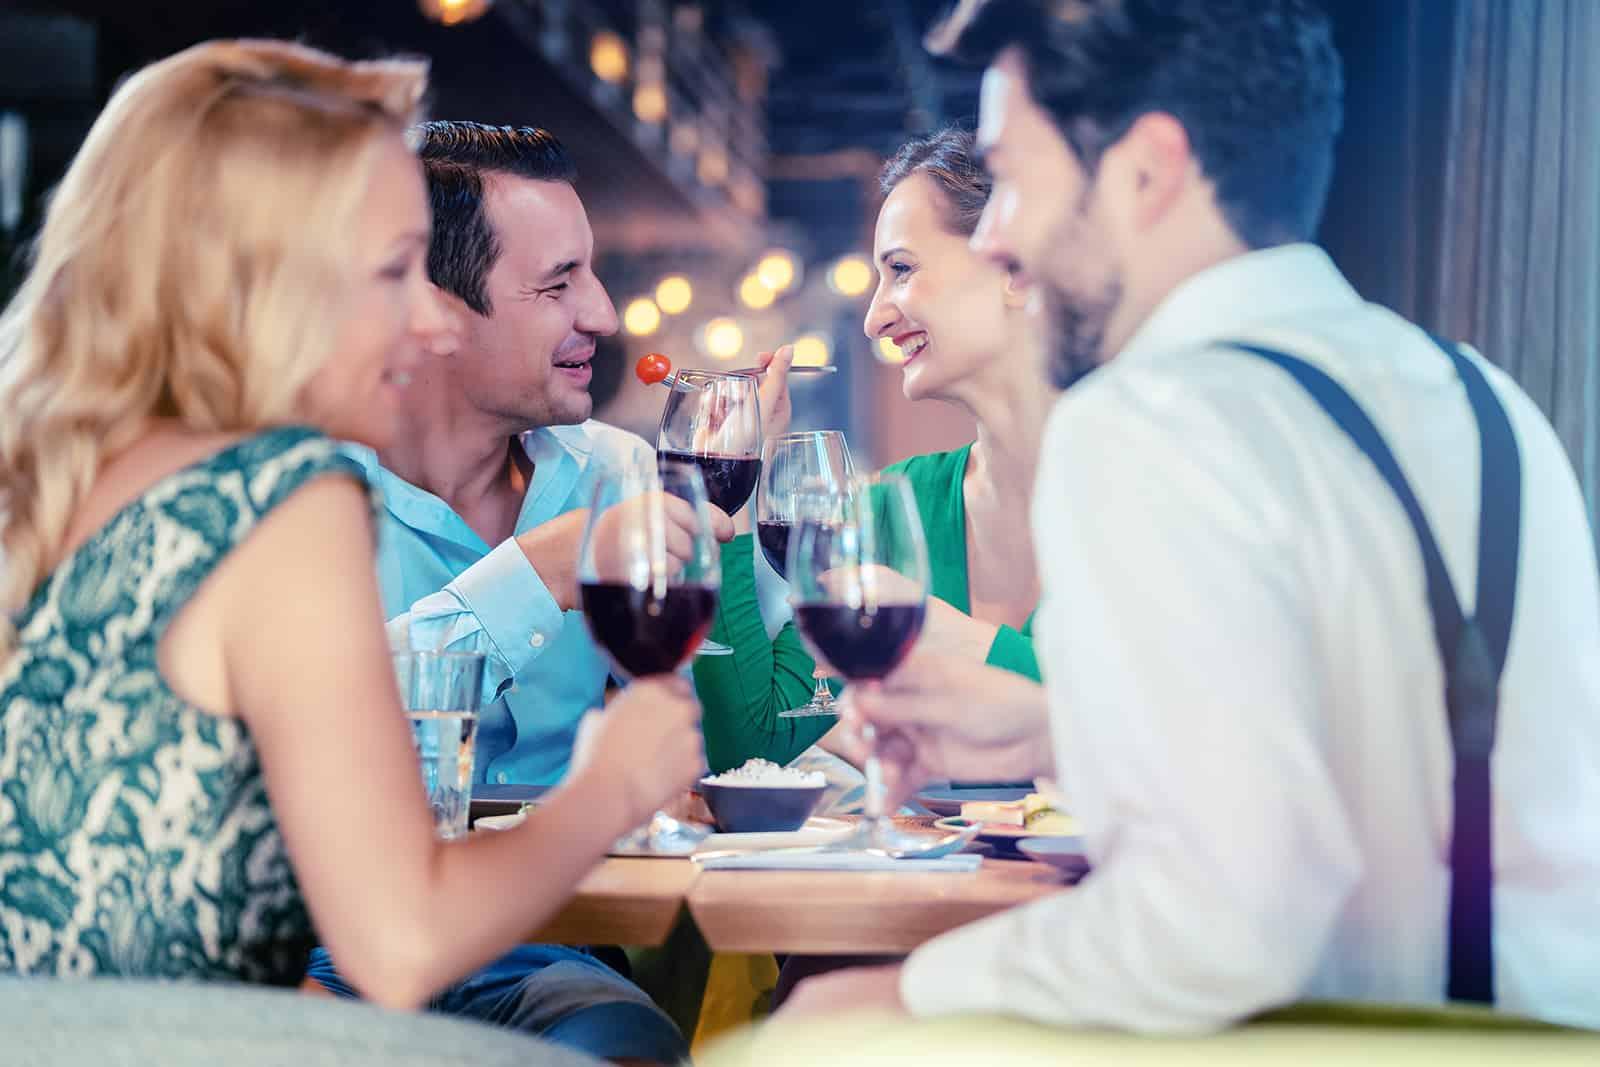 Freunde trinken Wein in einem Restaurant auf einem doppelten Date